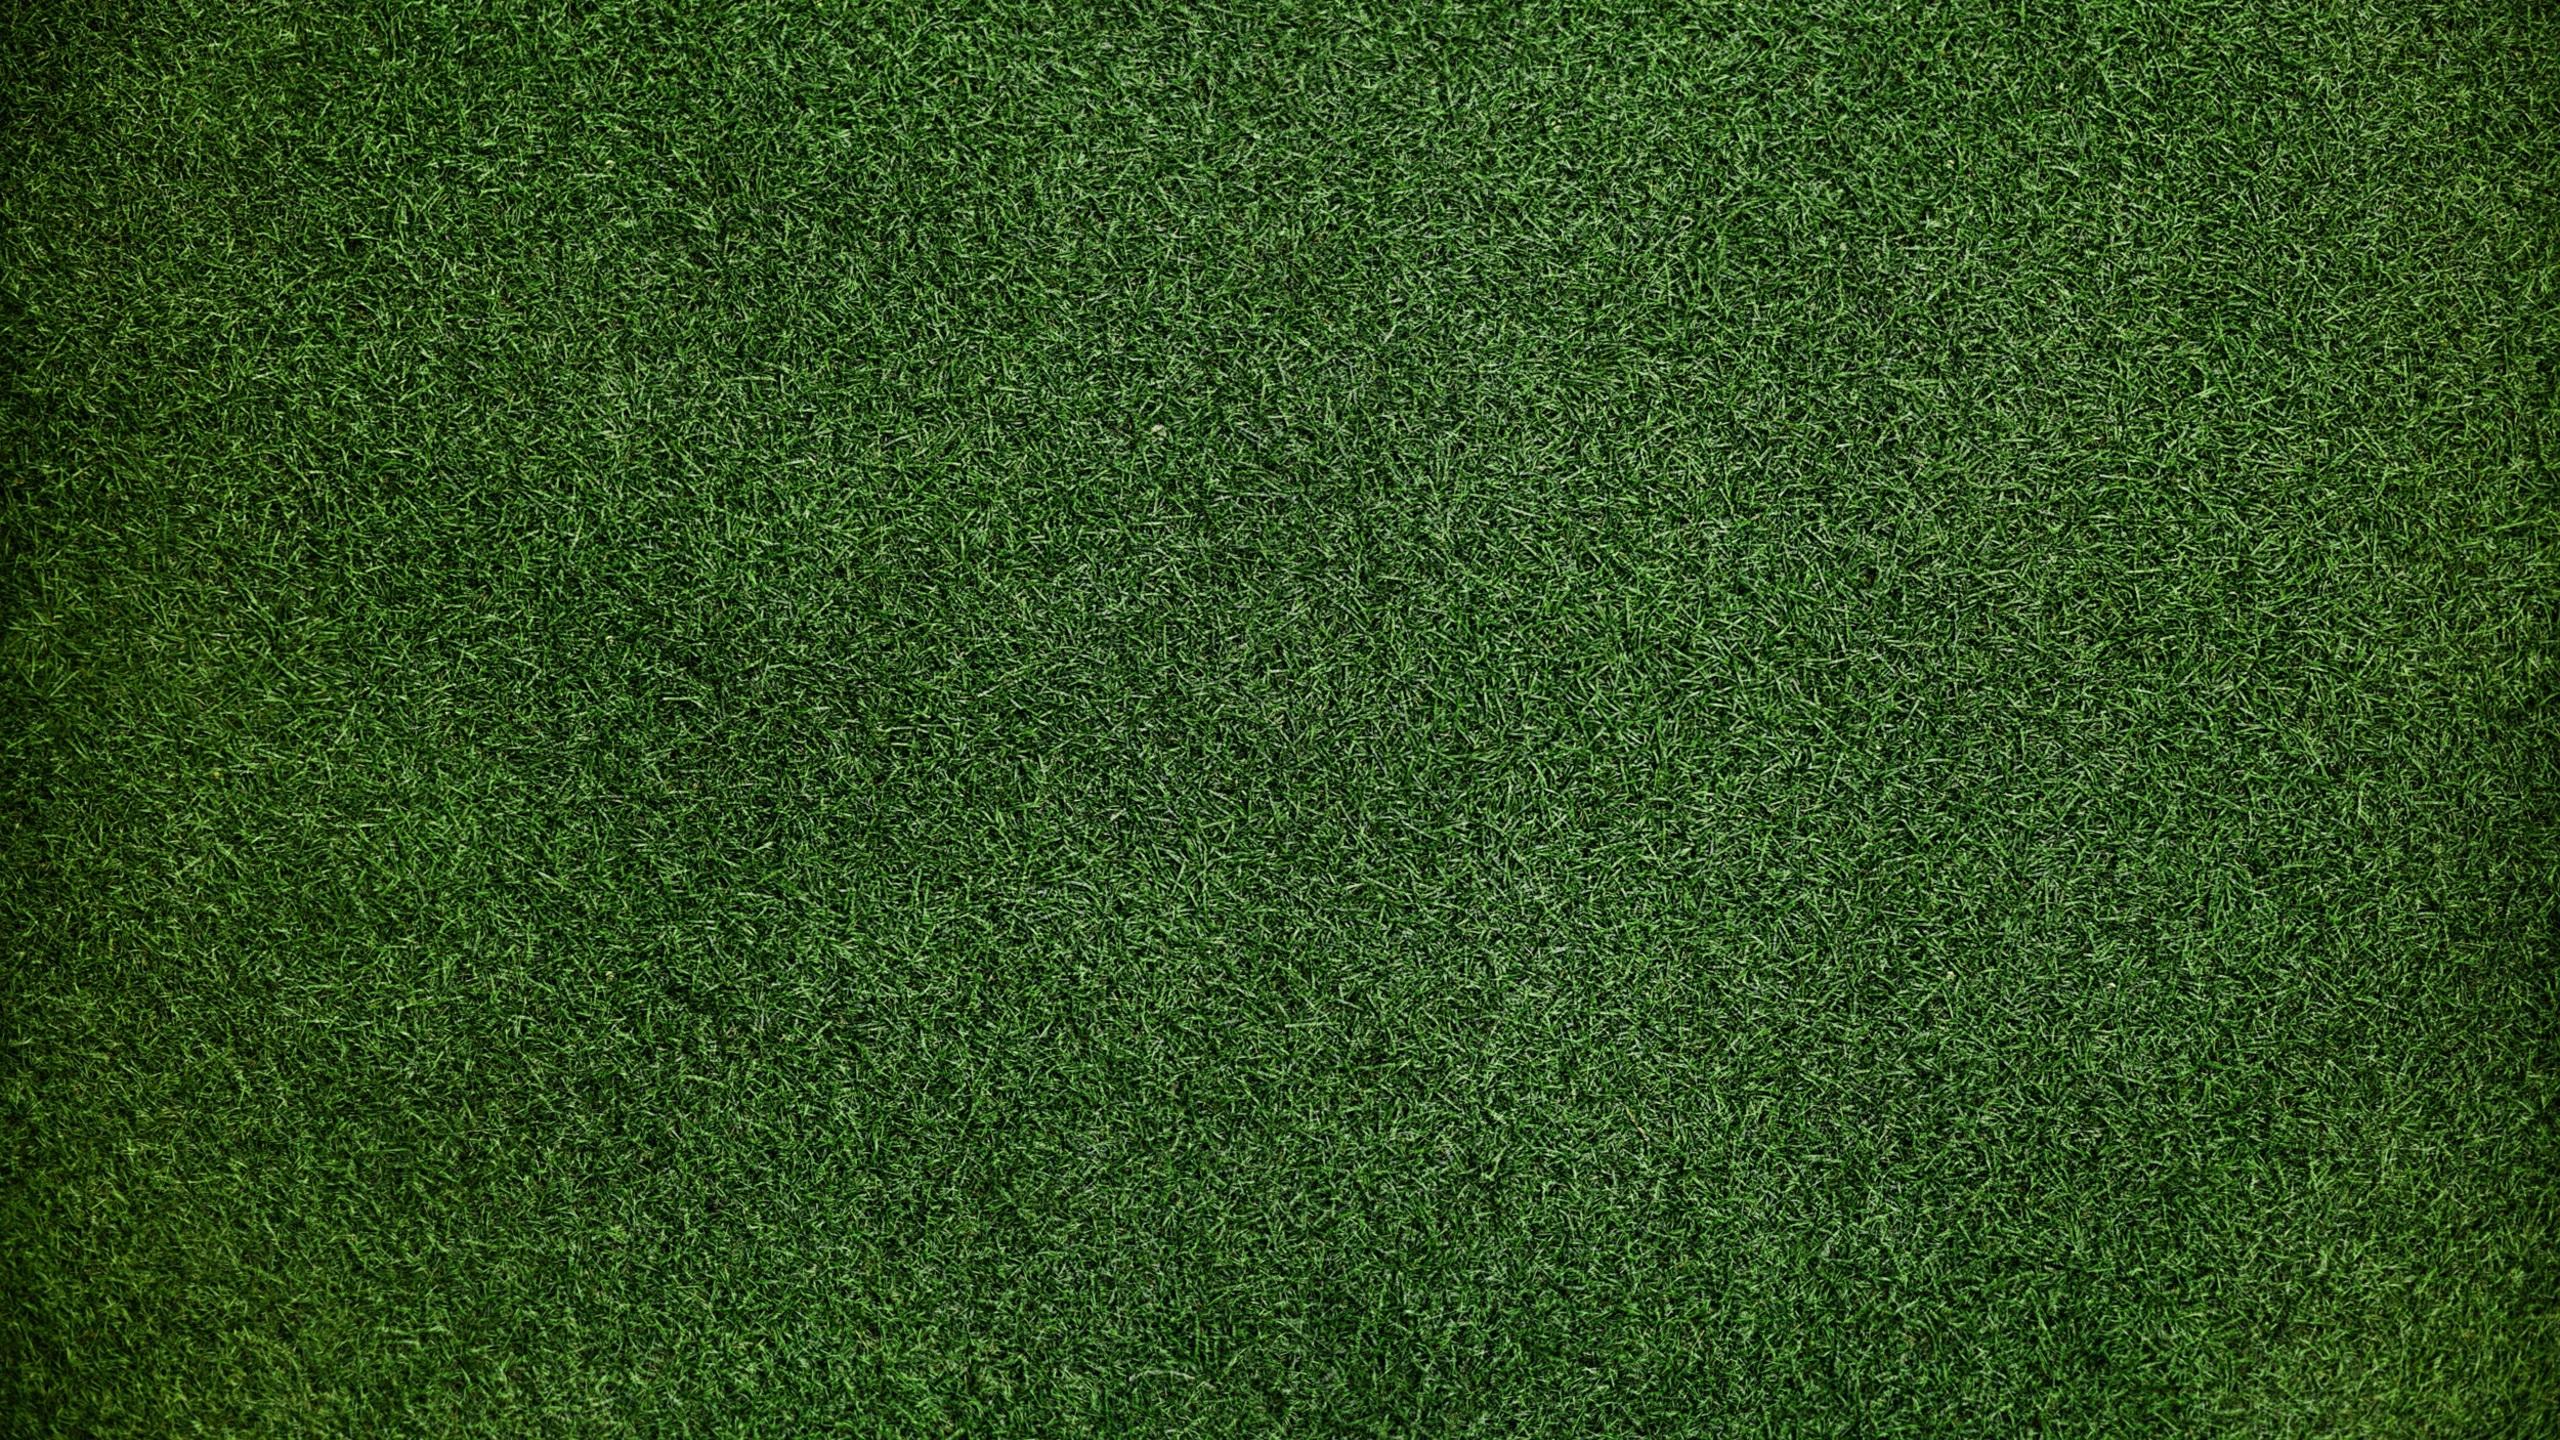 2560x1440 Grass Background 1440P Resolution HD 4k ...